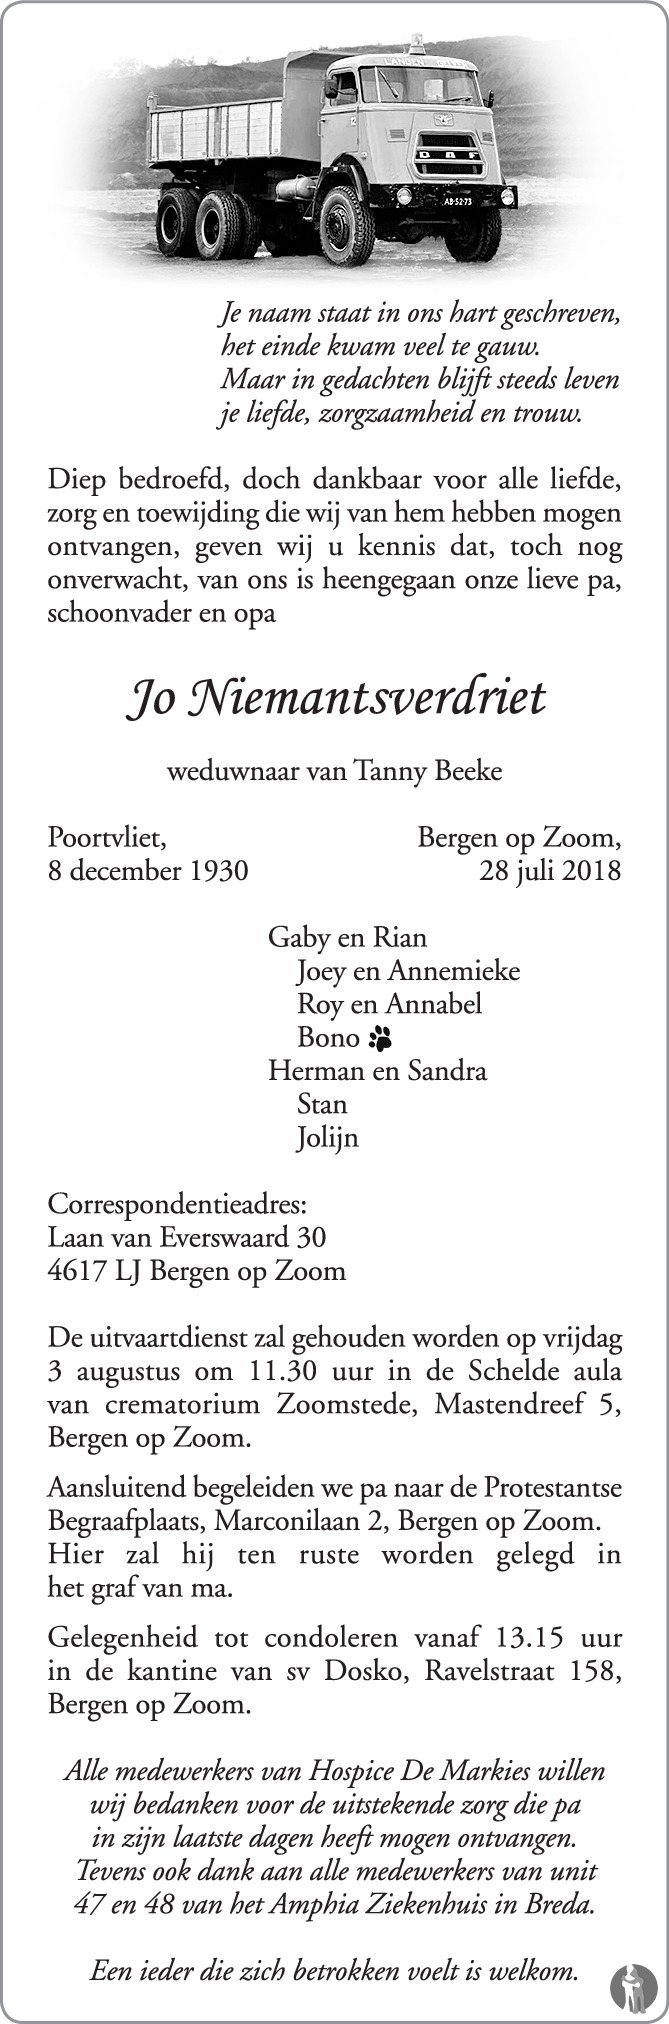 Overlijdensbericht van Jo Niemantsverdriet in BN DeStem